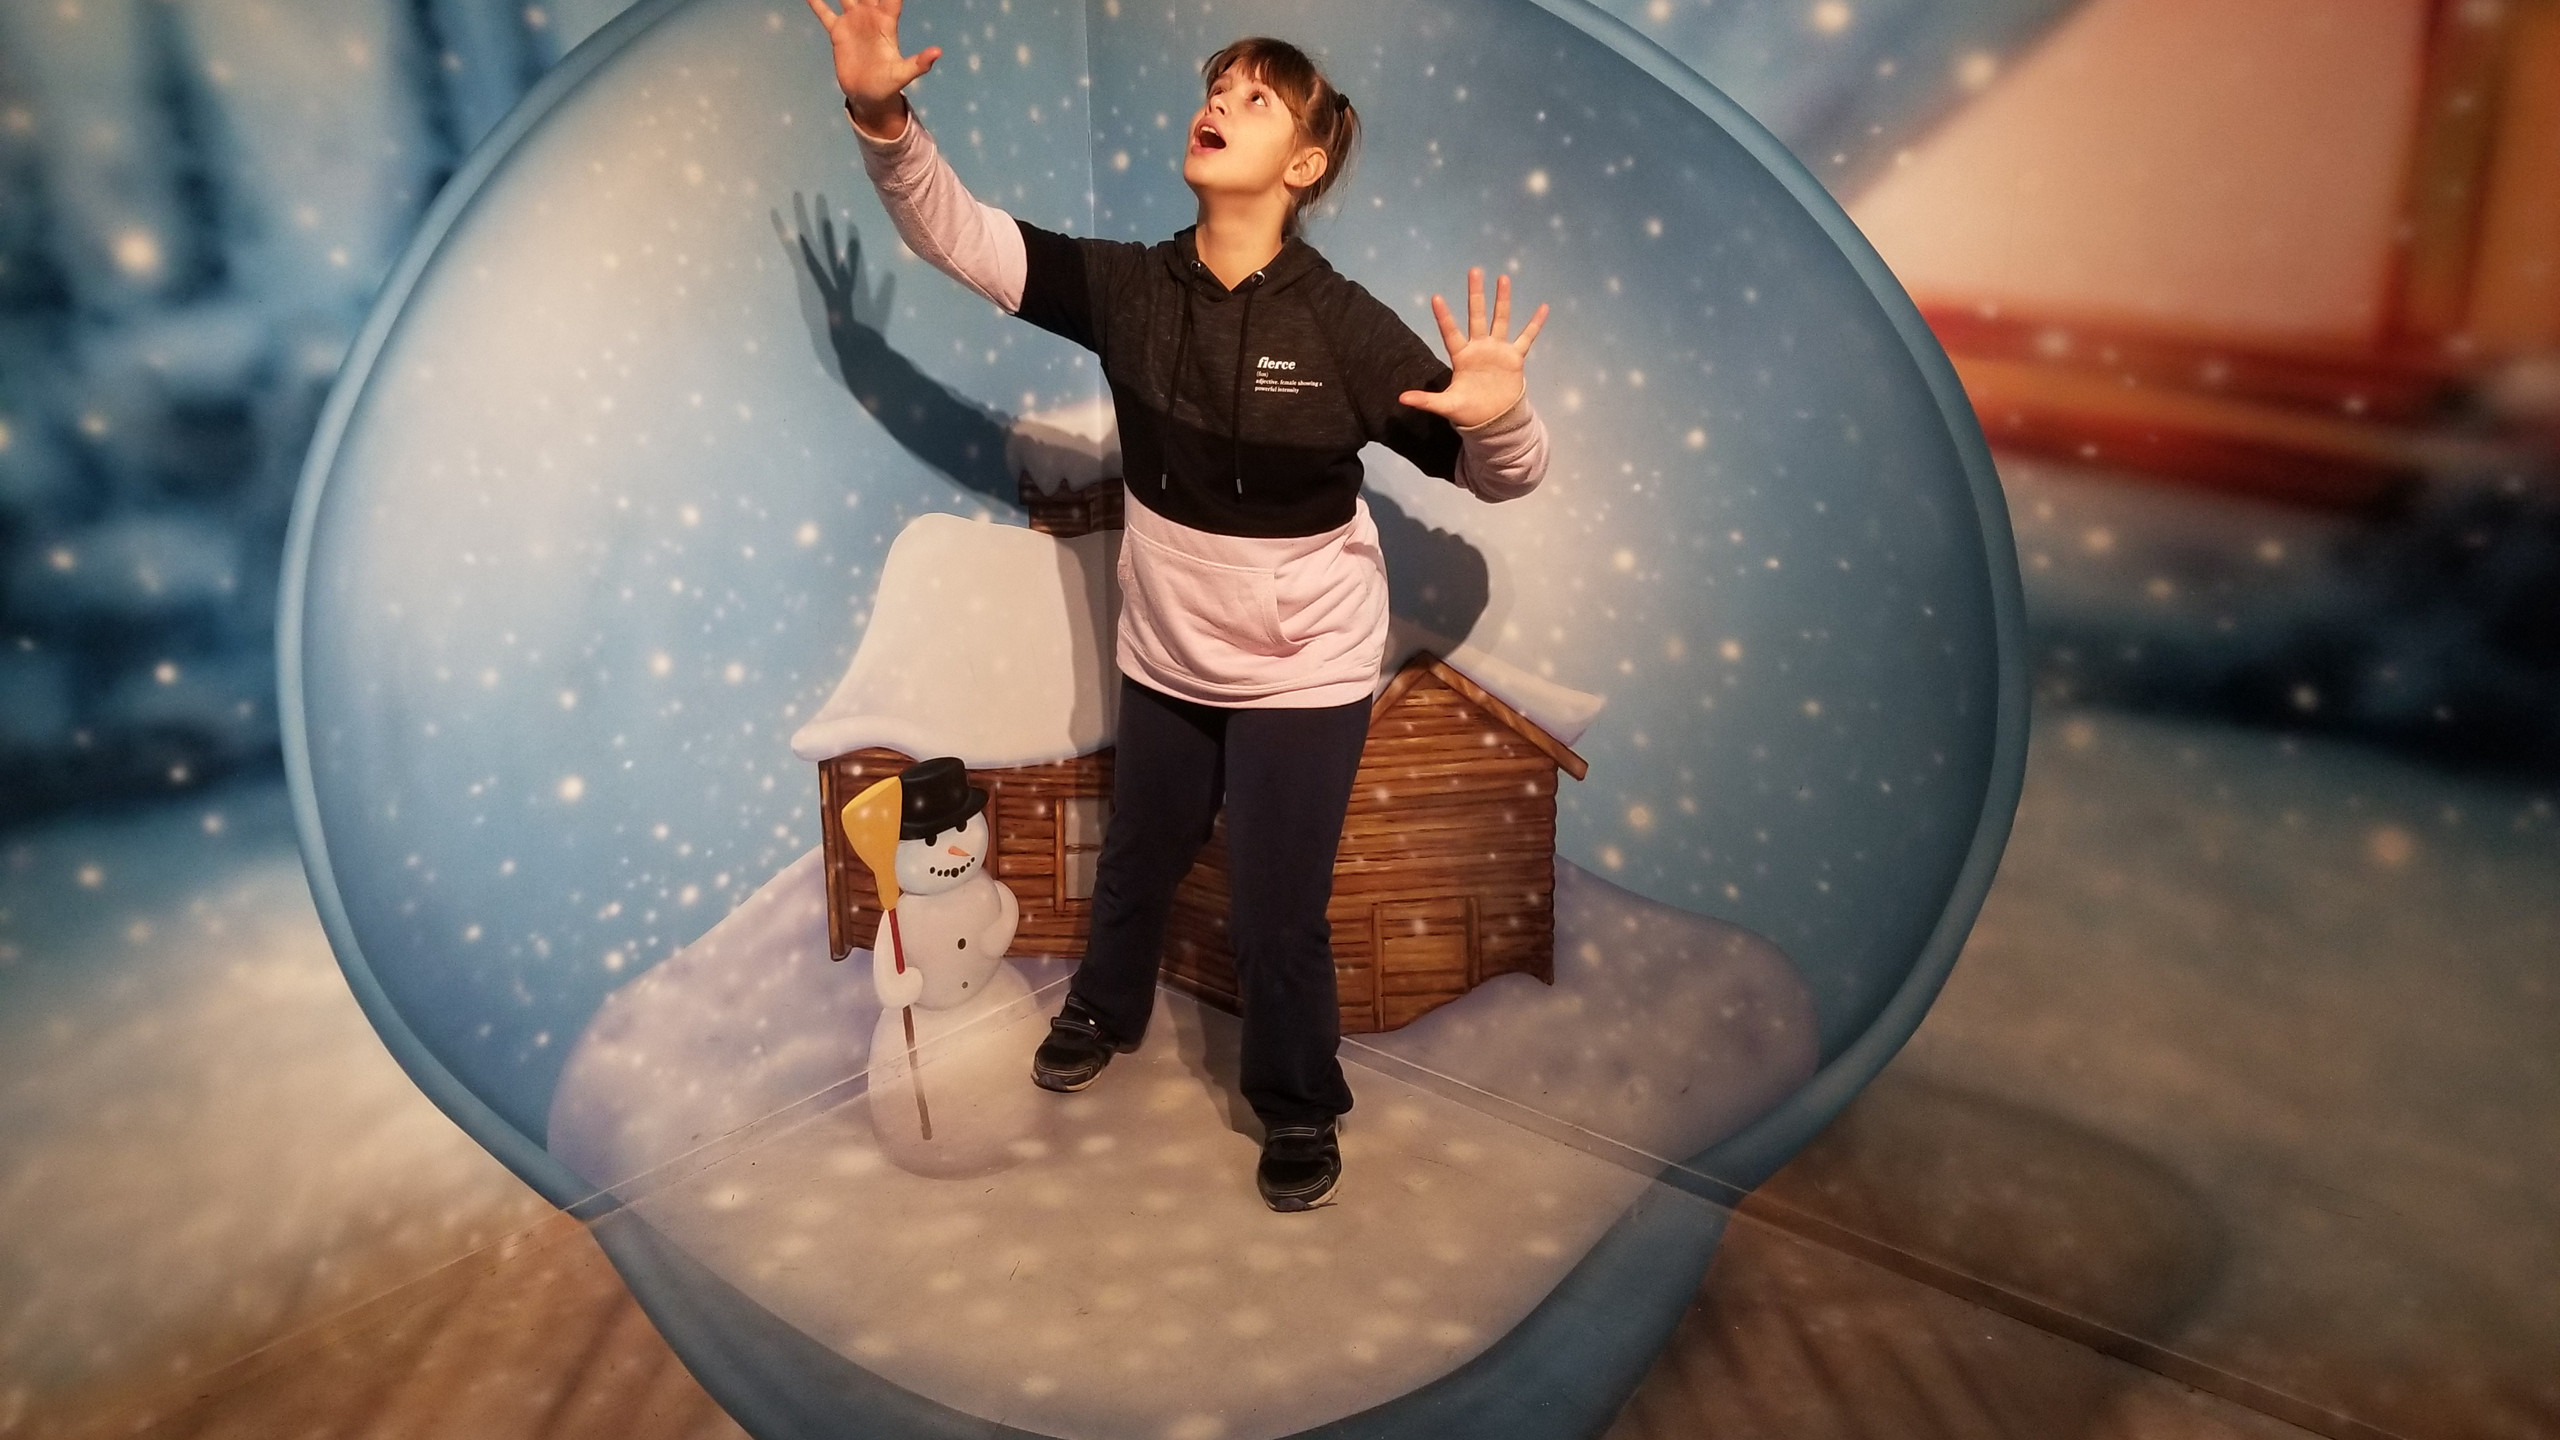 3D Trick Art Gallery, Rotorua, New Zealand attractions, New Zealand activities